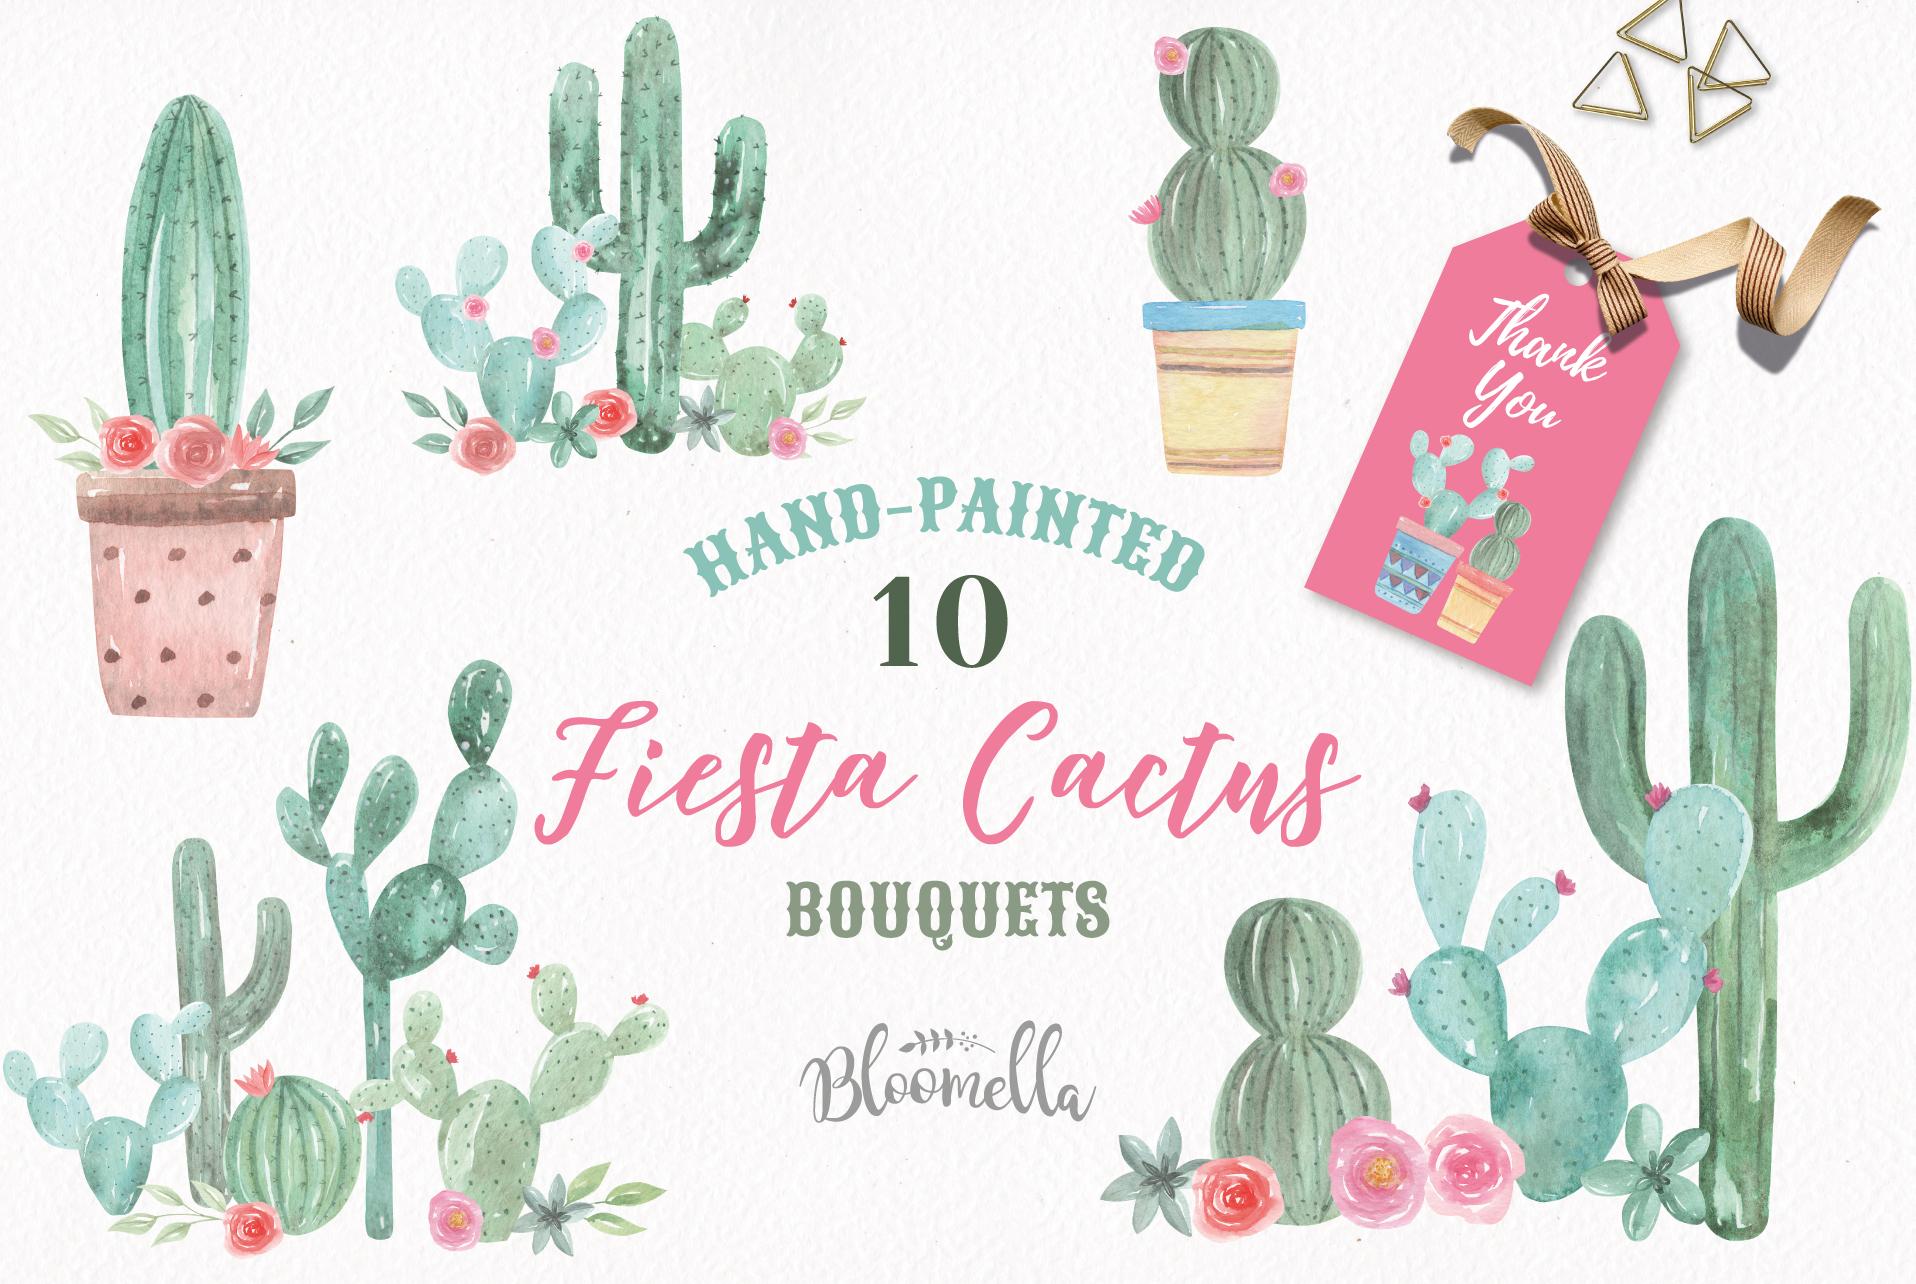 Watercolor Cactus Clipart Bouquets Arrangements Flowers Pink example image 1